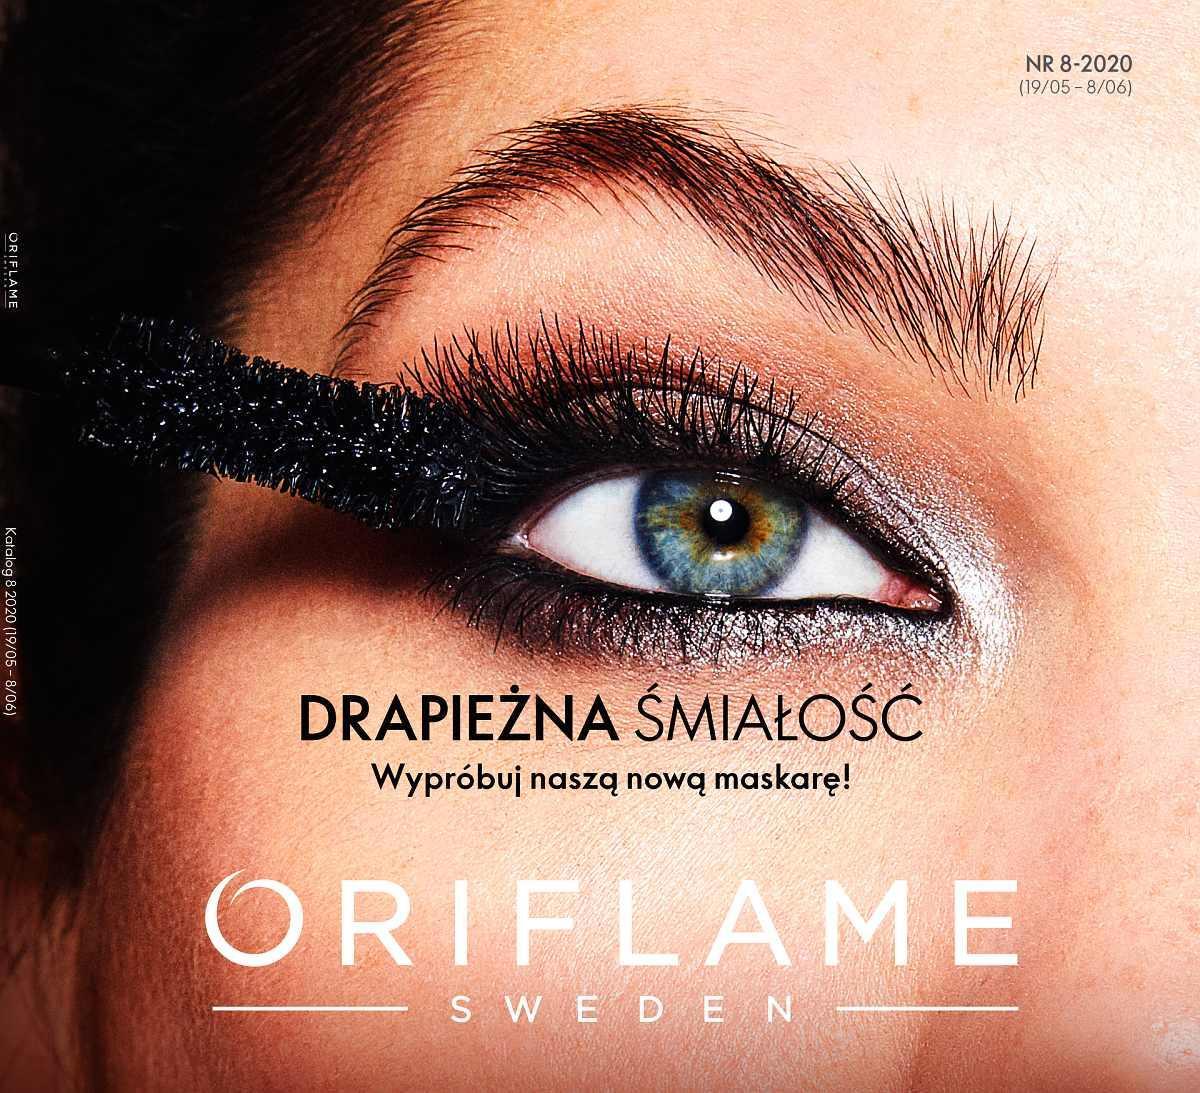 Gazetka promocyjna Oriflame do 08/06/2020 str.1